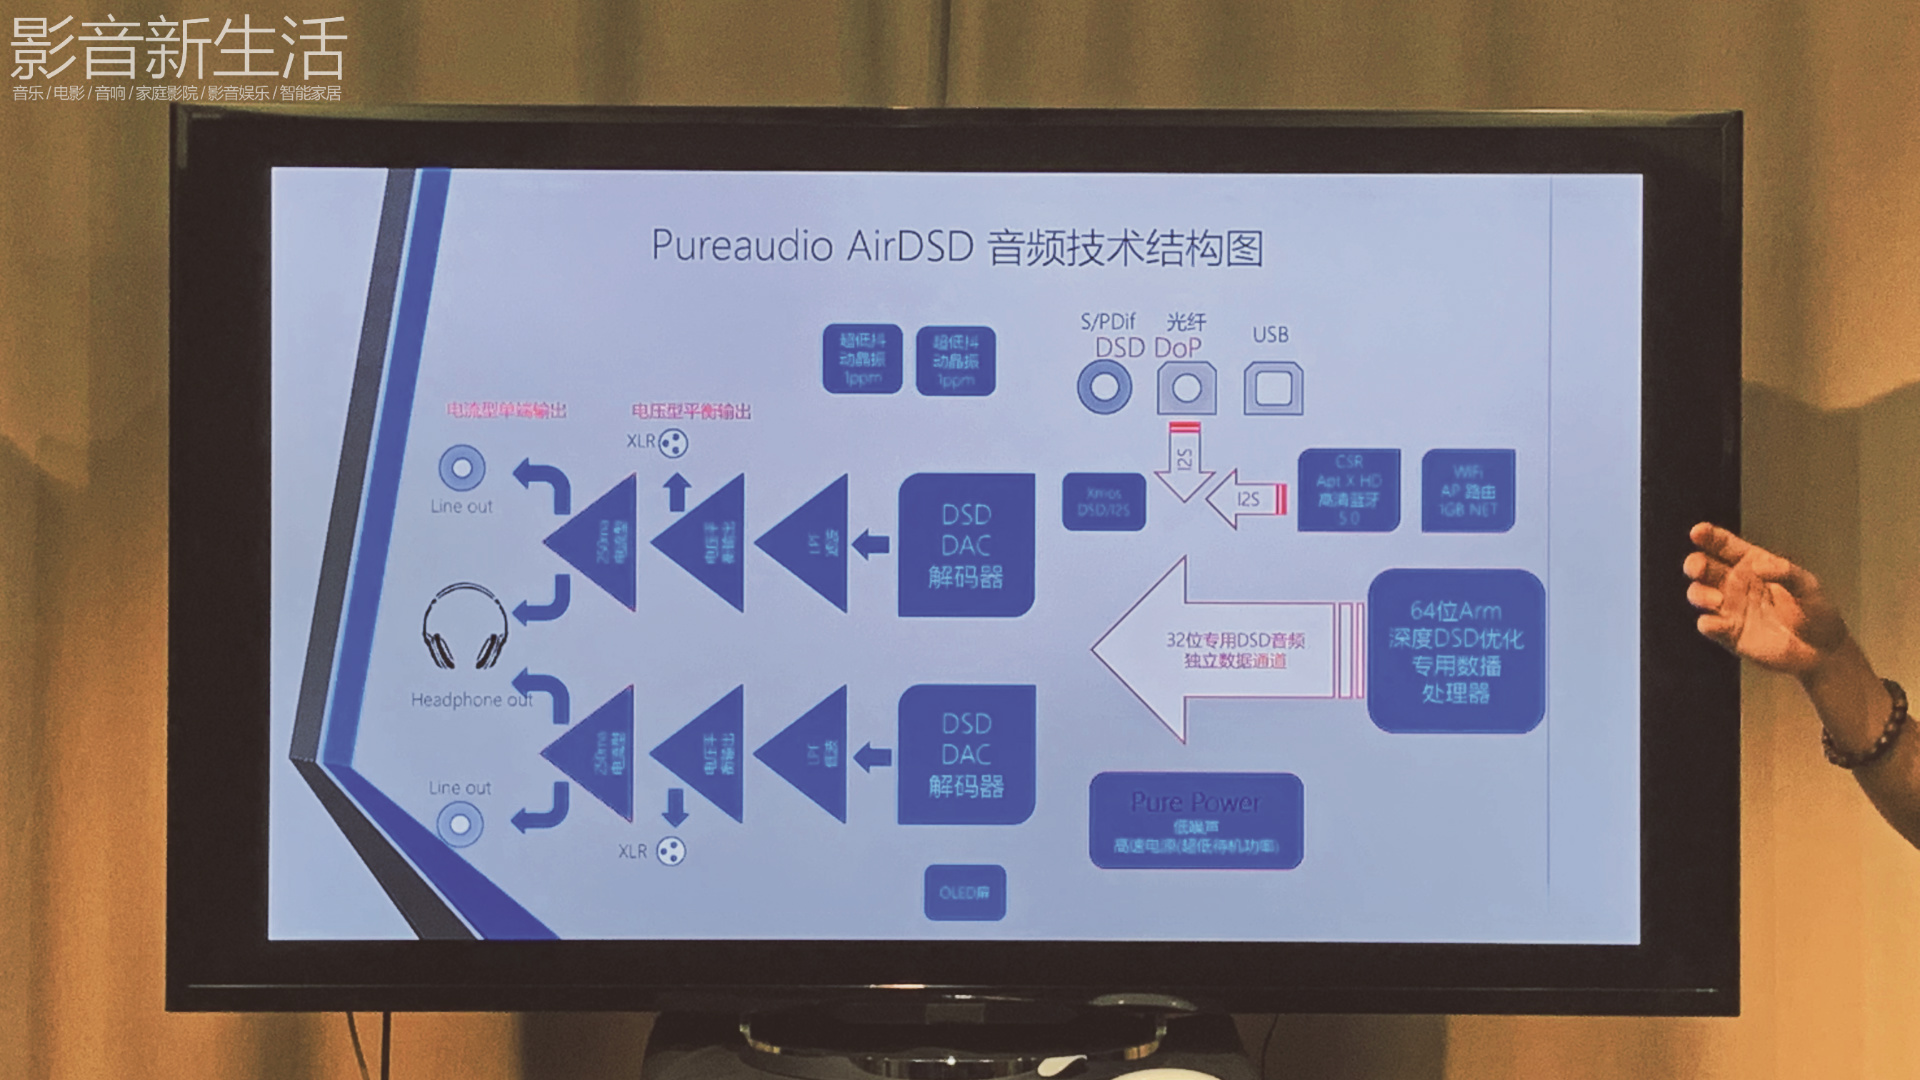 新品   2018柏韵10周年纪念产品:Pureaudio AirDSD音频流播放解码器发布!